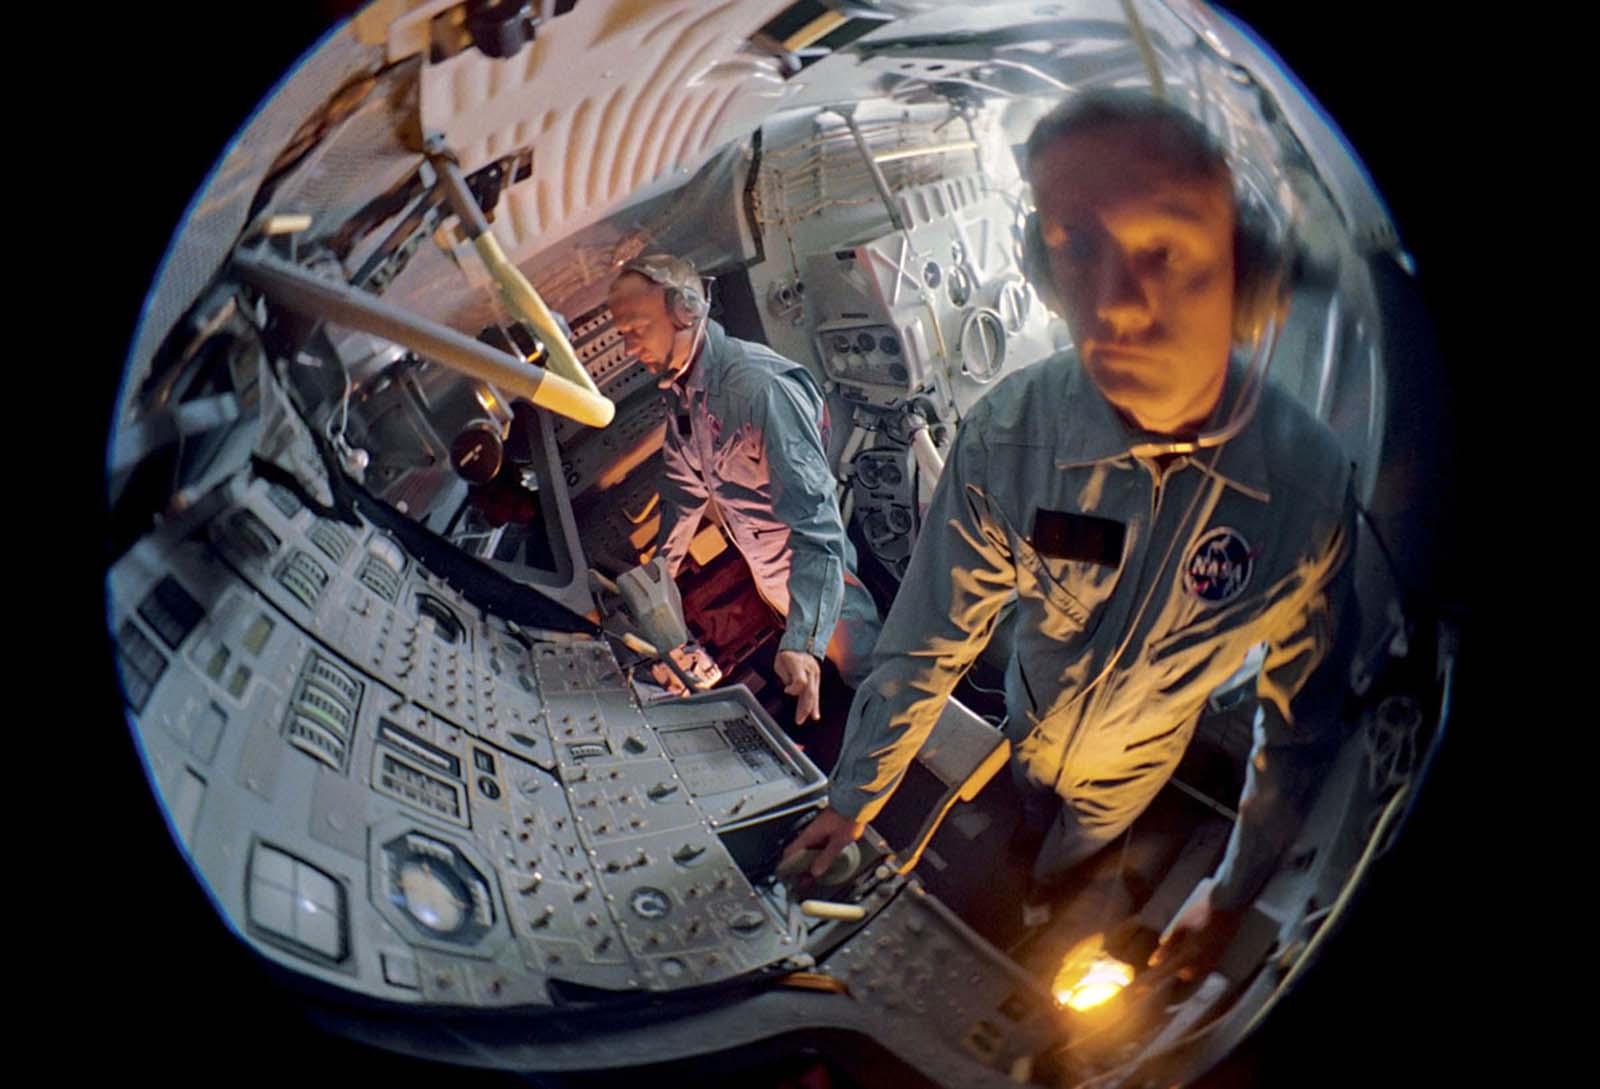 Apollo 11 preparation%2B%252820%2529 - Fotos raras da preparação de Neil Armstrong antes de ir a Lua